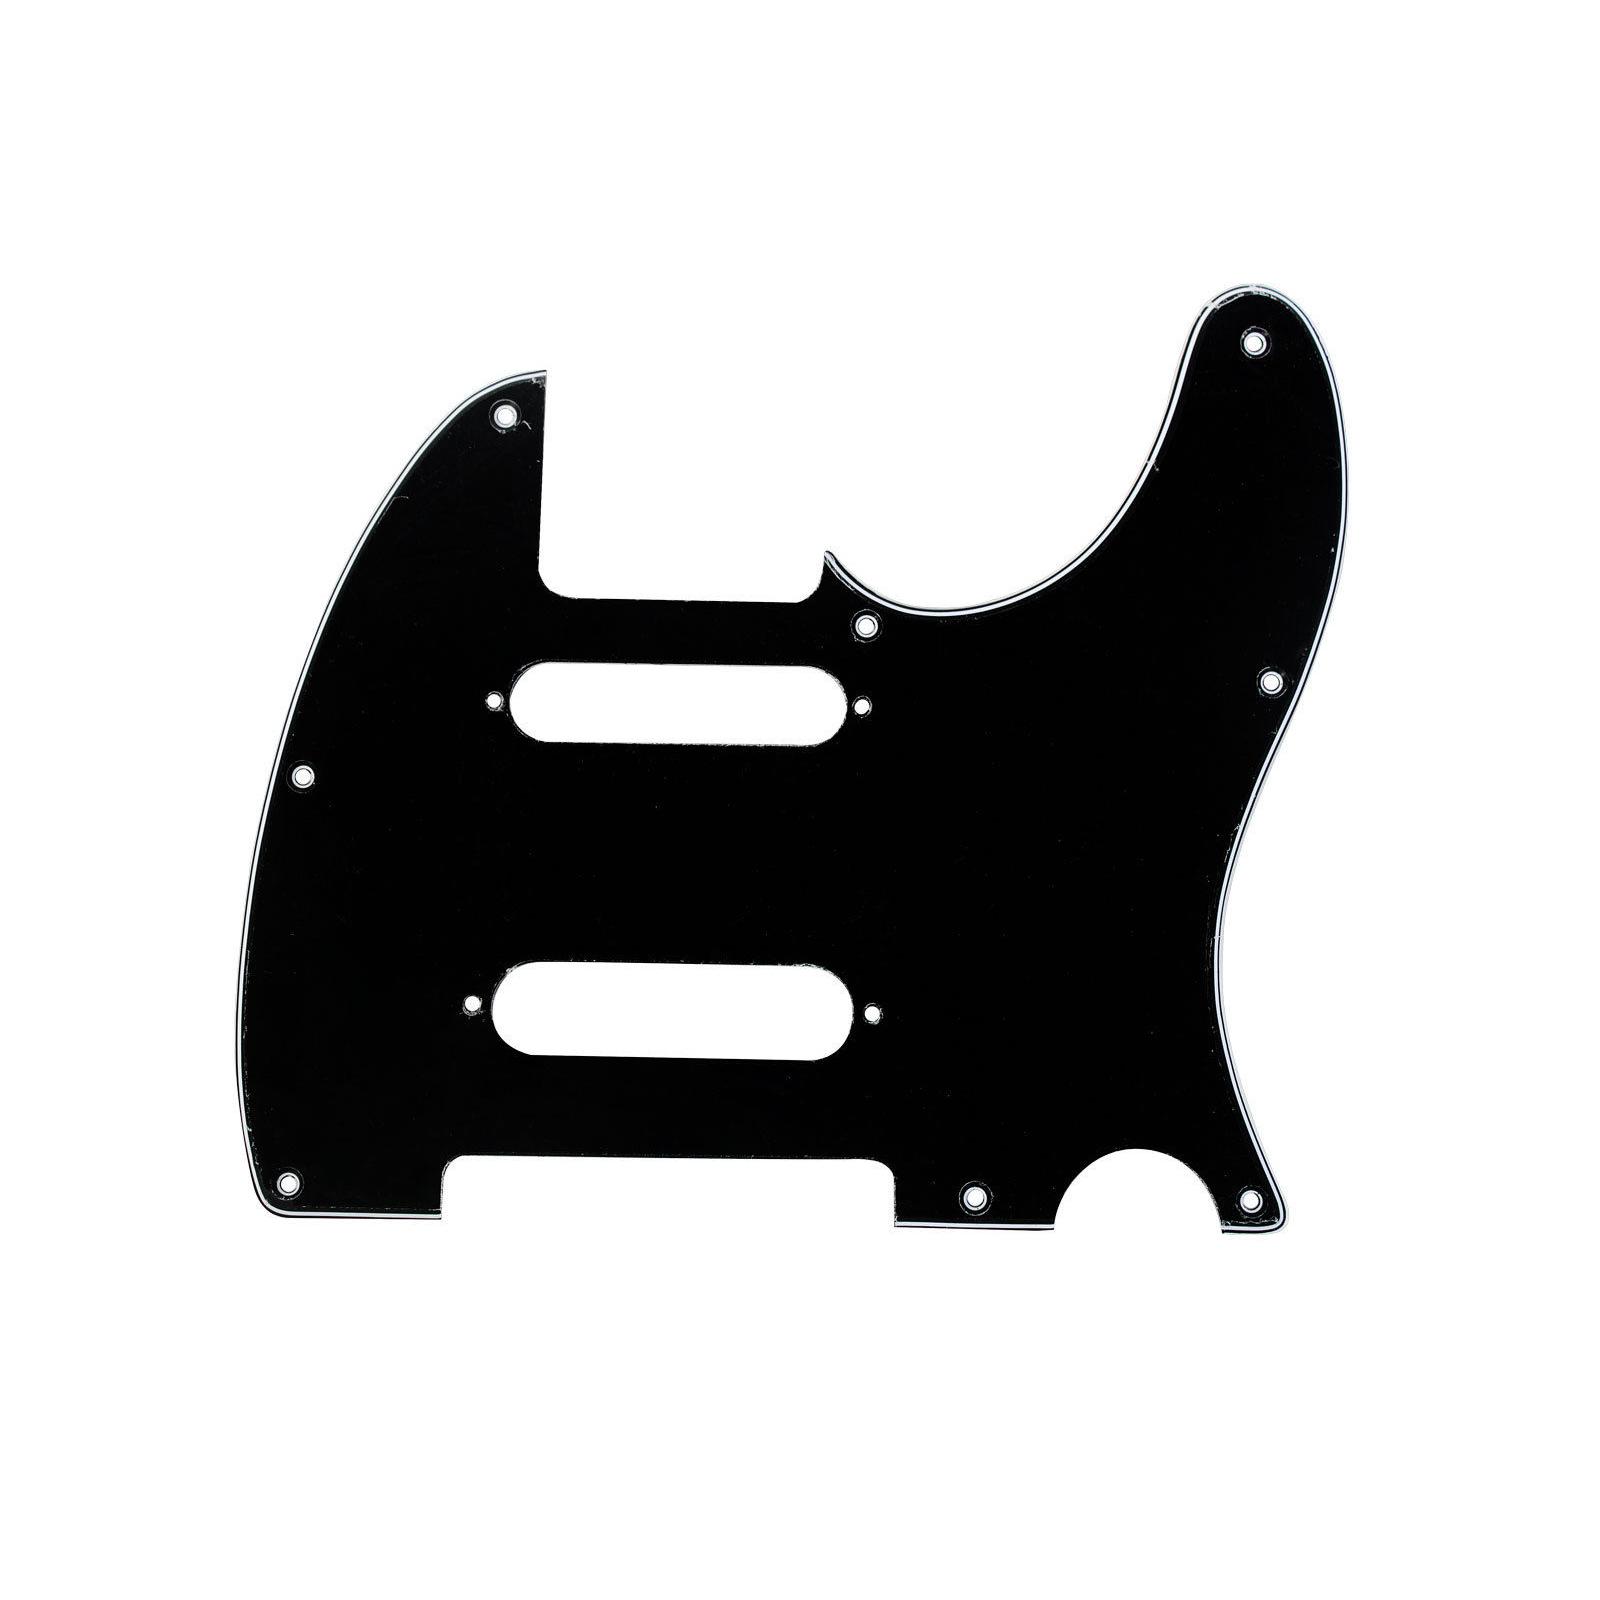 920D CS 3 Ply Pickguard for Fender Nashville Telecaster CNC Precision Cut BK by